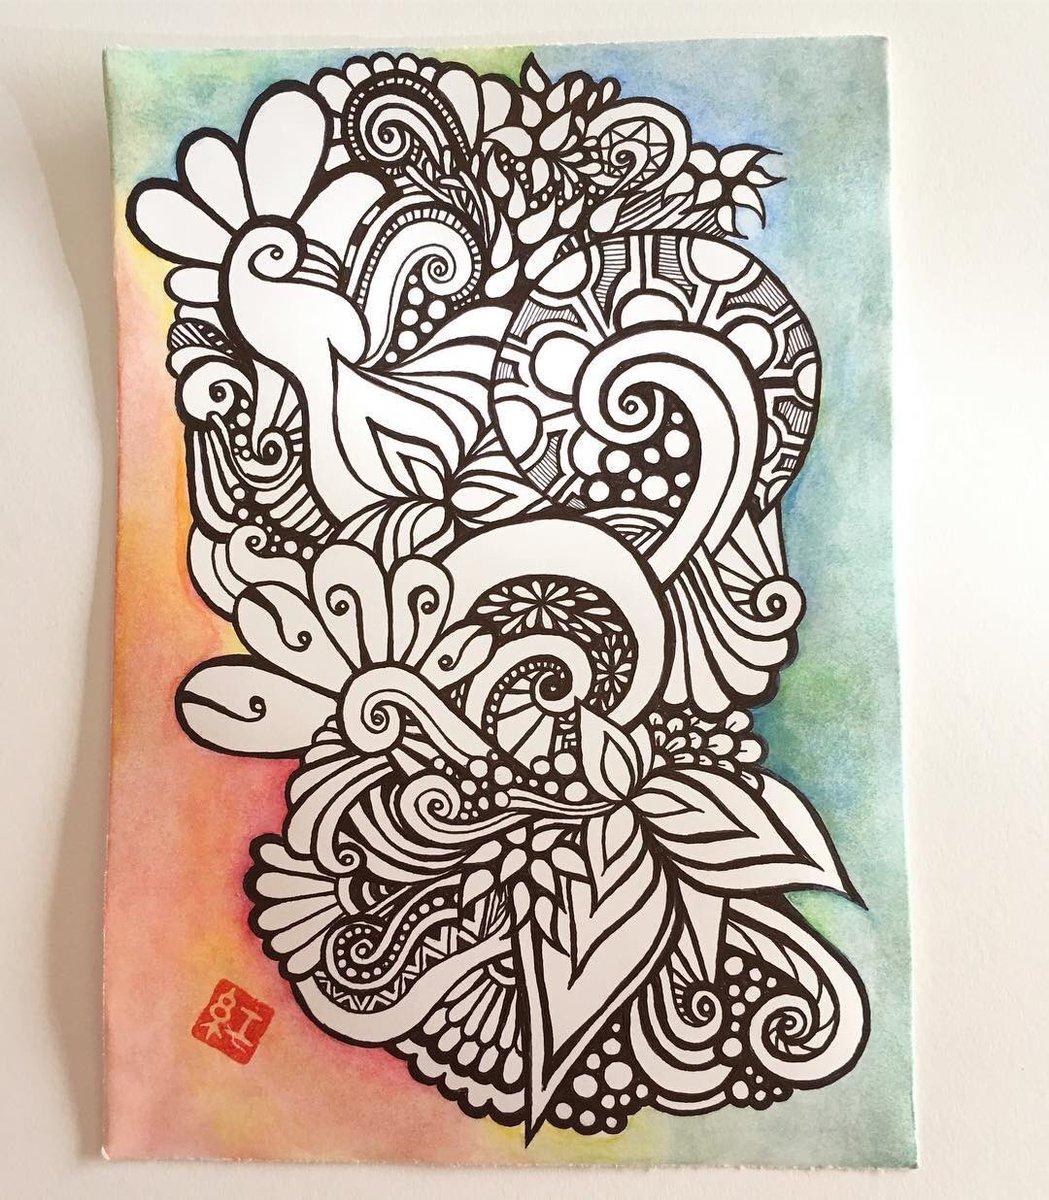 2年前の今日完成のお絵描き  A5判。 #ケント紙 #ボールペン #水彩色鉛筆 #ジェットストリーム #jetstream  #べにたんぐる #benitangle #zentangle #zentangleinspiredart #lineart #drawing #線画 #penart #doodle #zendoodle #watercolorpencils #ballpointpenpic.twitter.com/Za1AUZuFm6